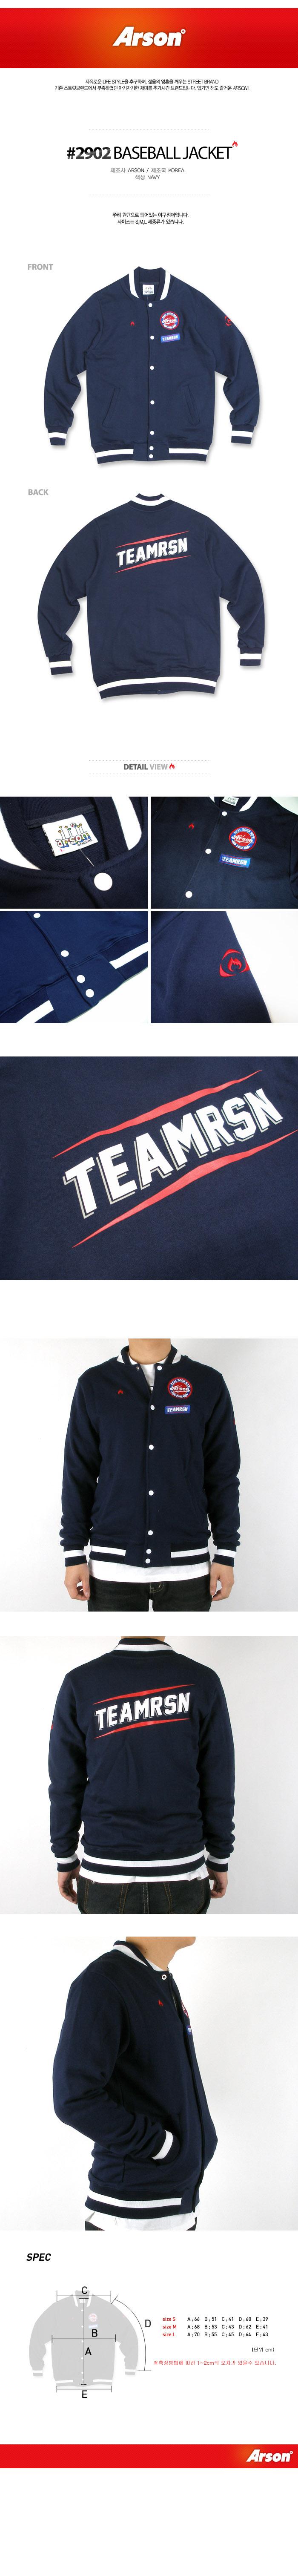 [ ARSON ] C2902  BASEBALL JACKET Stadium Jacket